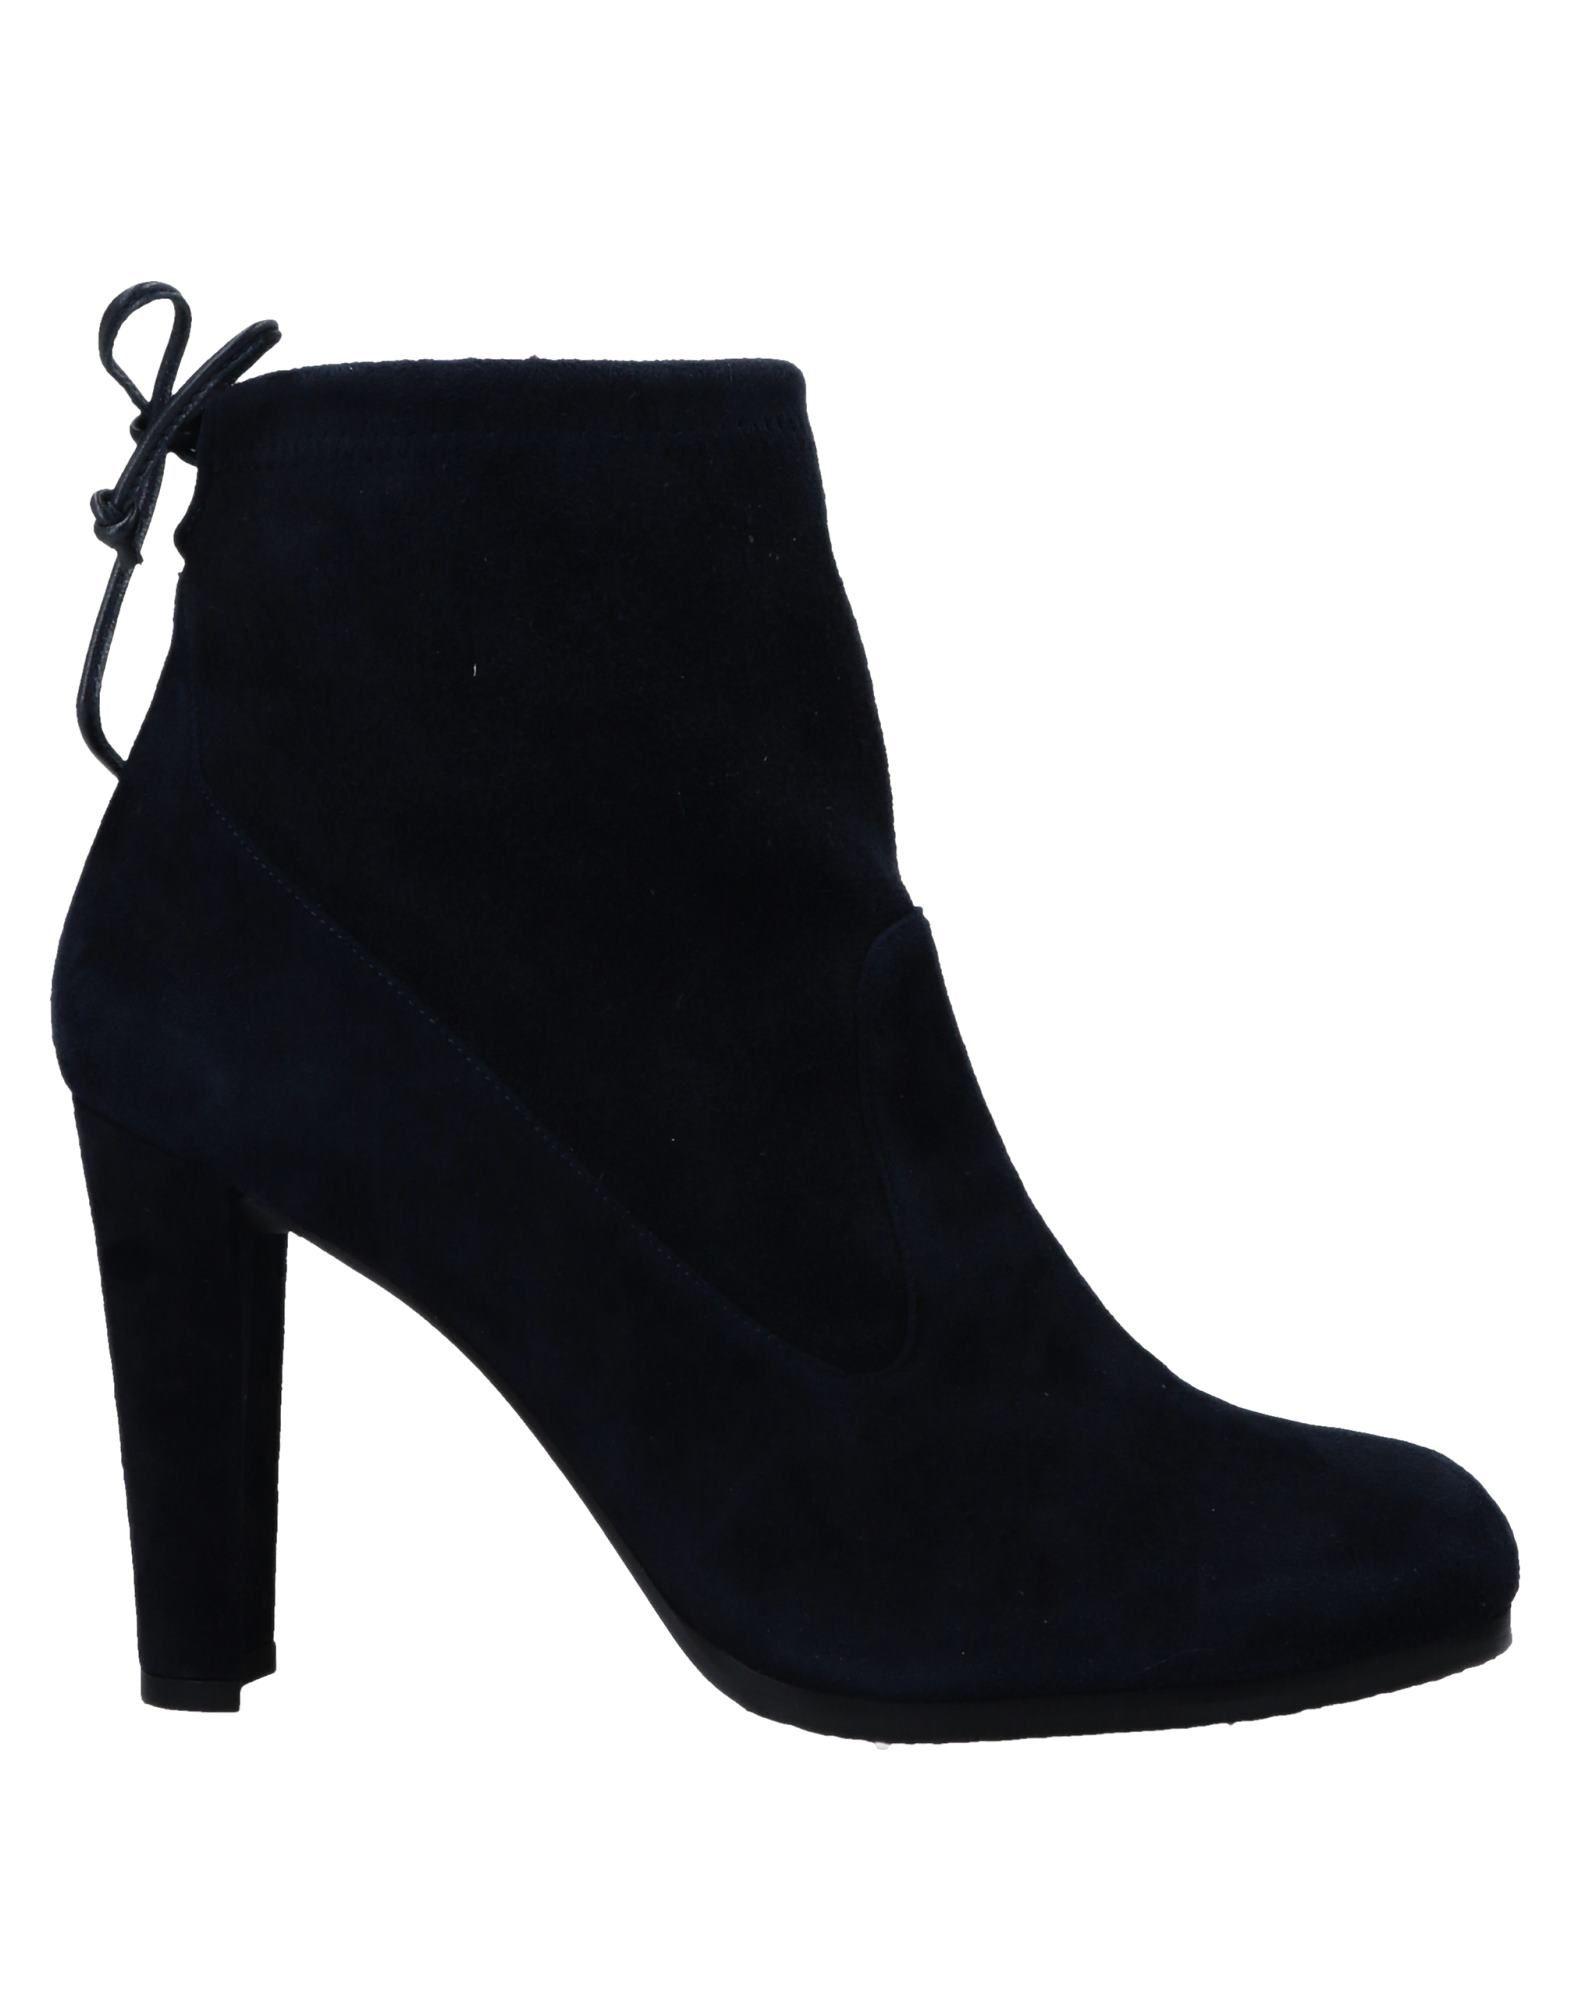 Stuart Weitzman Stiefelette Damen  11545711LFGünstige gut aussehende Schuhe